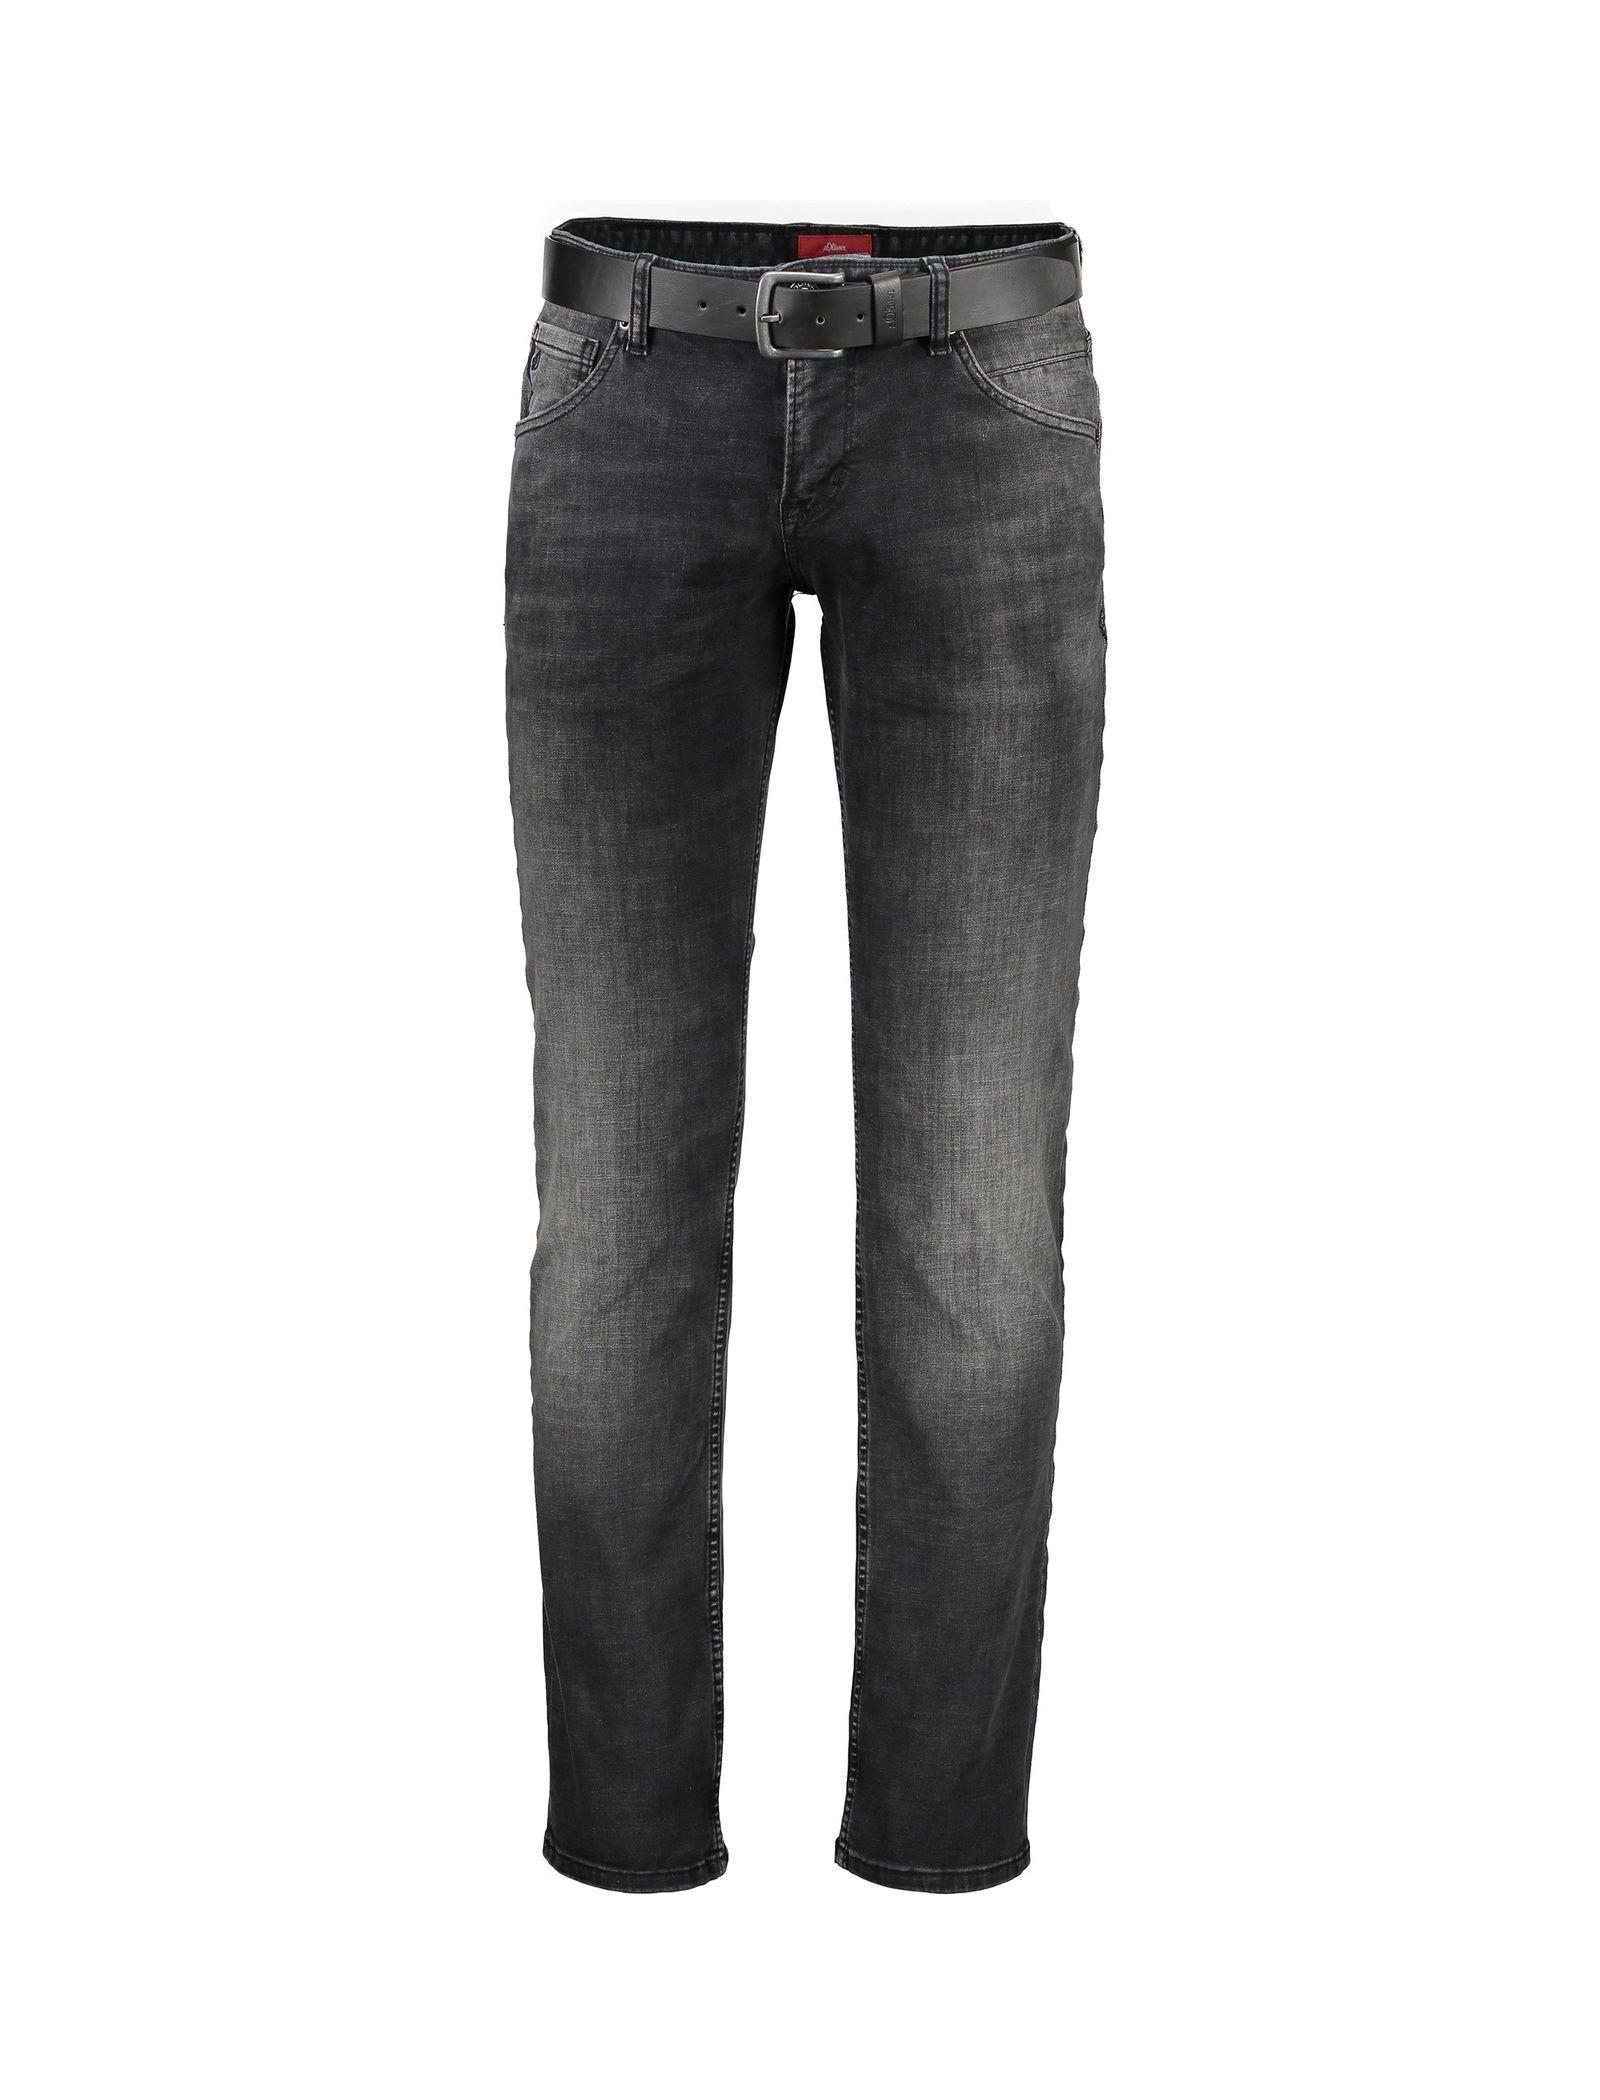 شلوار جین راسته مردانه - اس.اولیور - طوسي تيره - 1